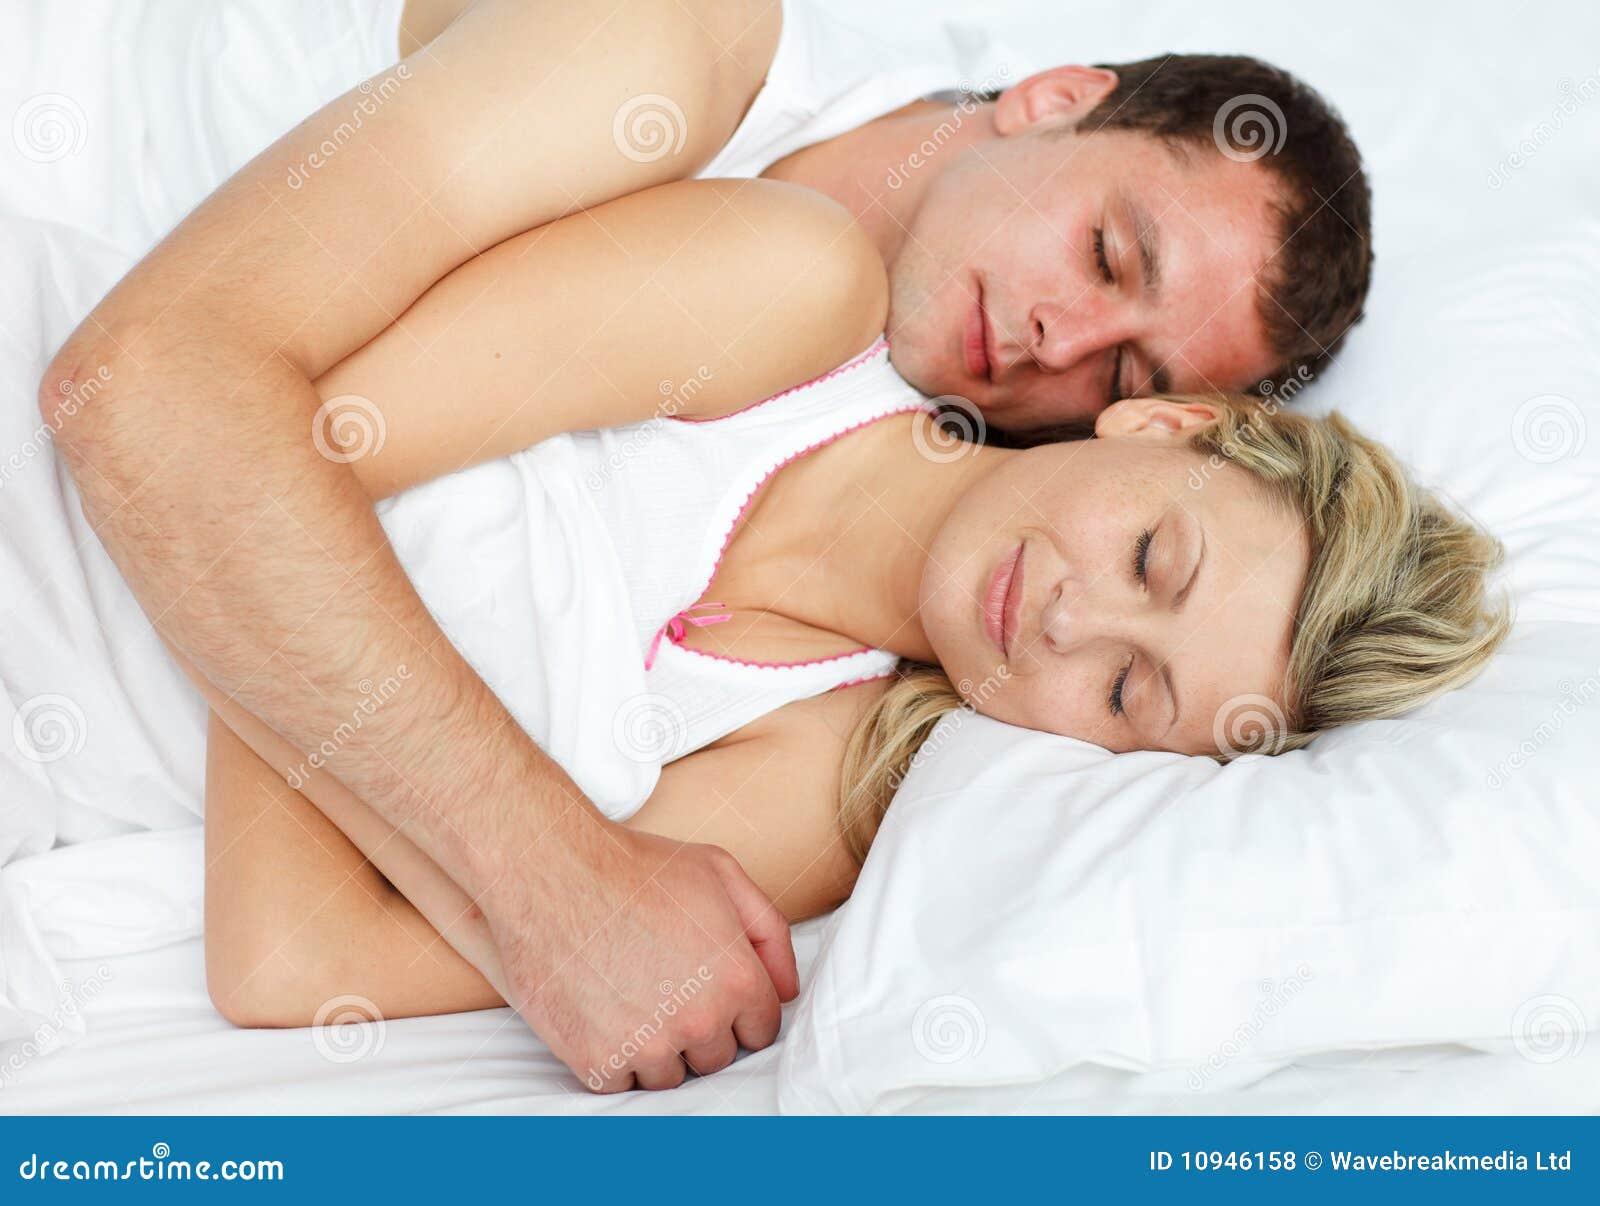 Семейные интим отношения 14 фотография